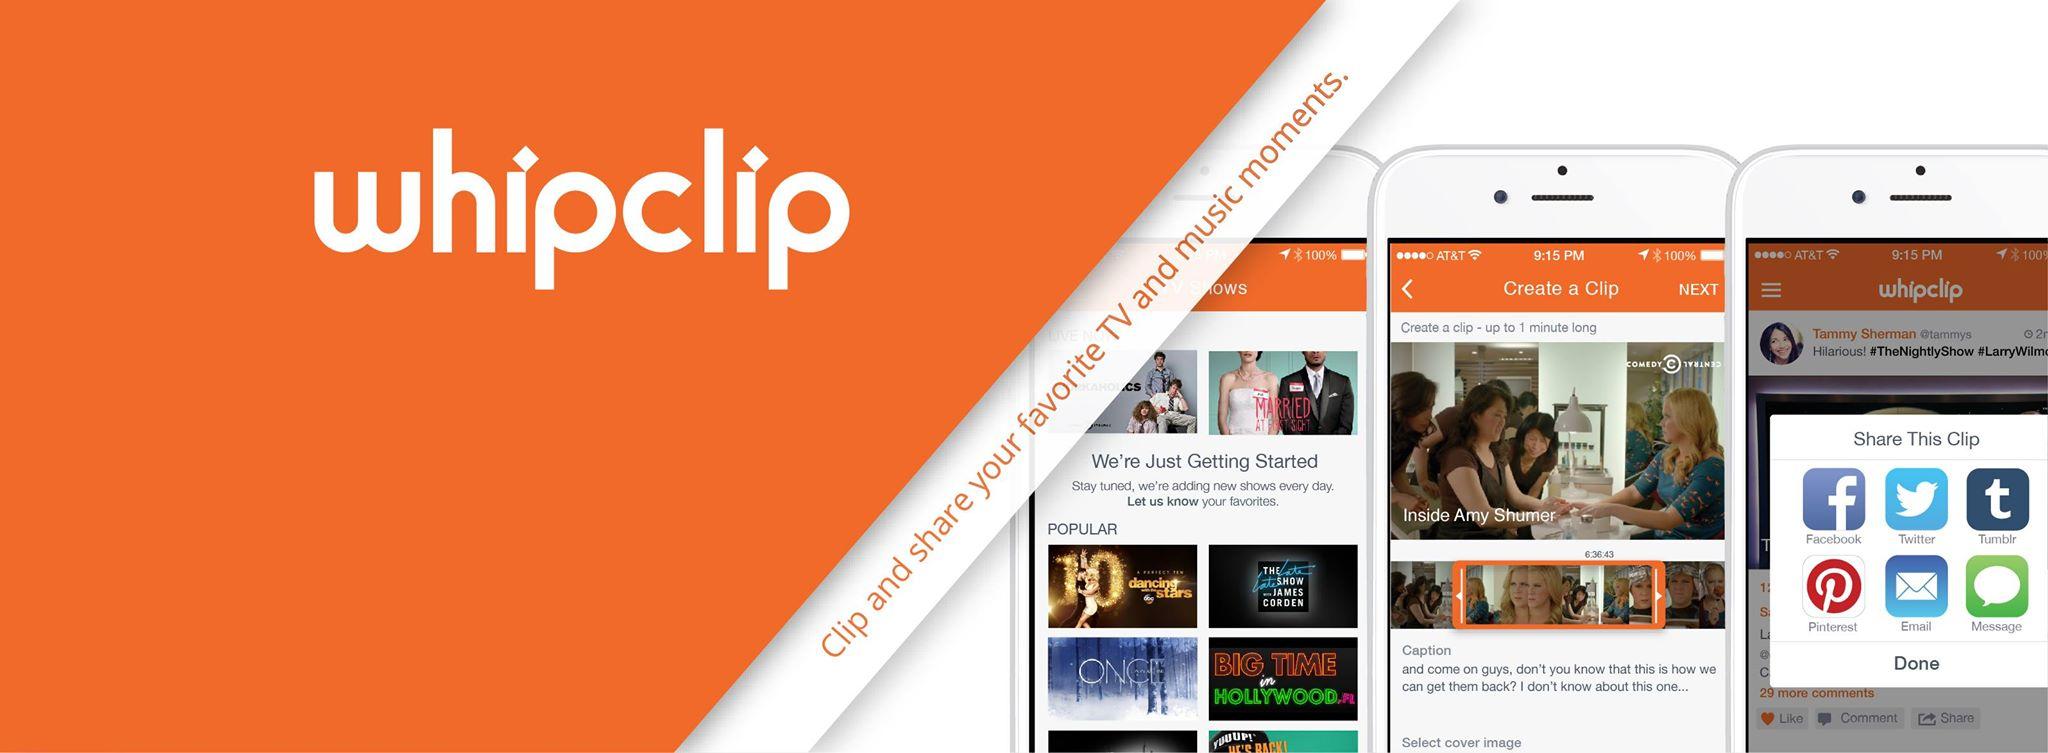 ¿Emprenderías con una idea como Whipclip que permitiera compartir los mejores momentos de la televisión?